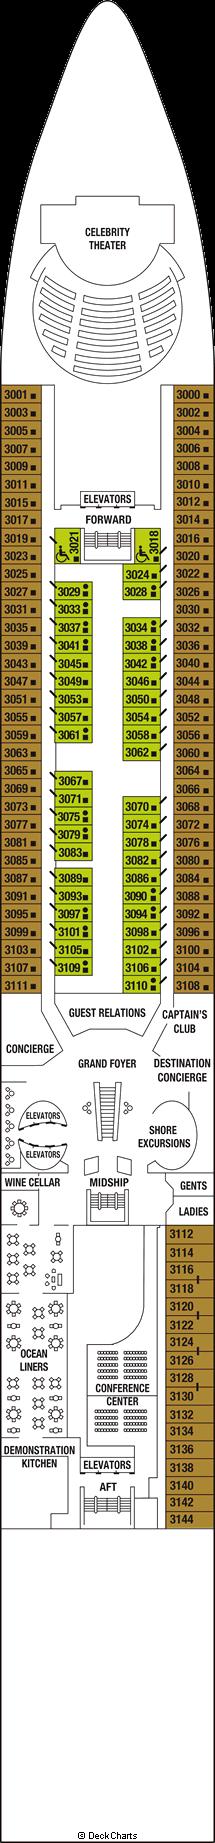 Celebrity Constellation: Deck 3